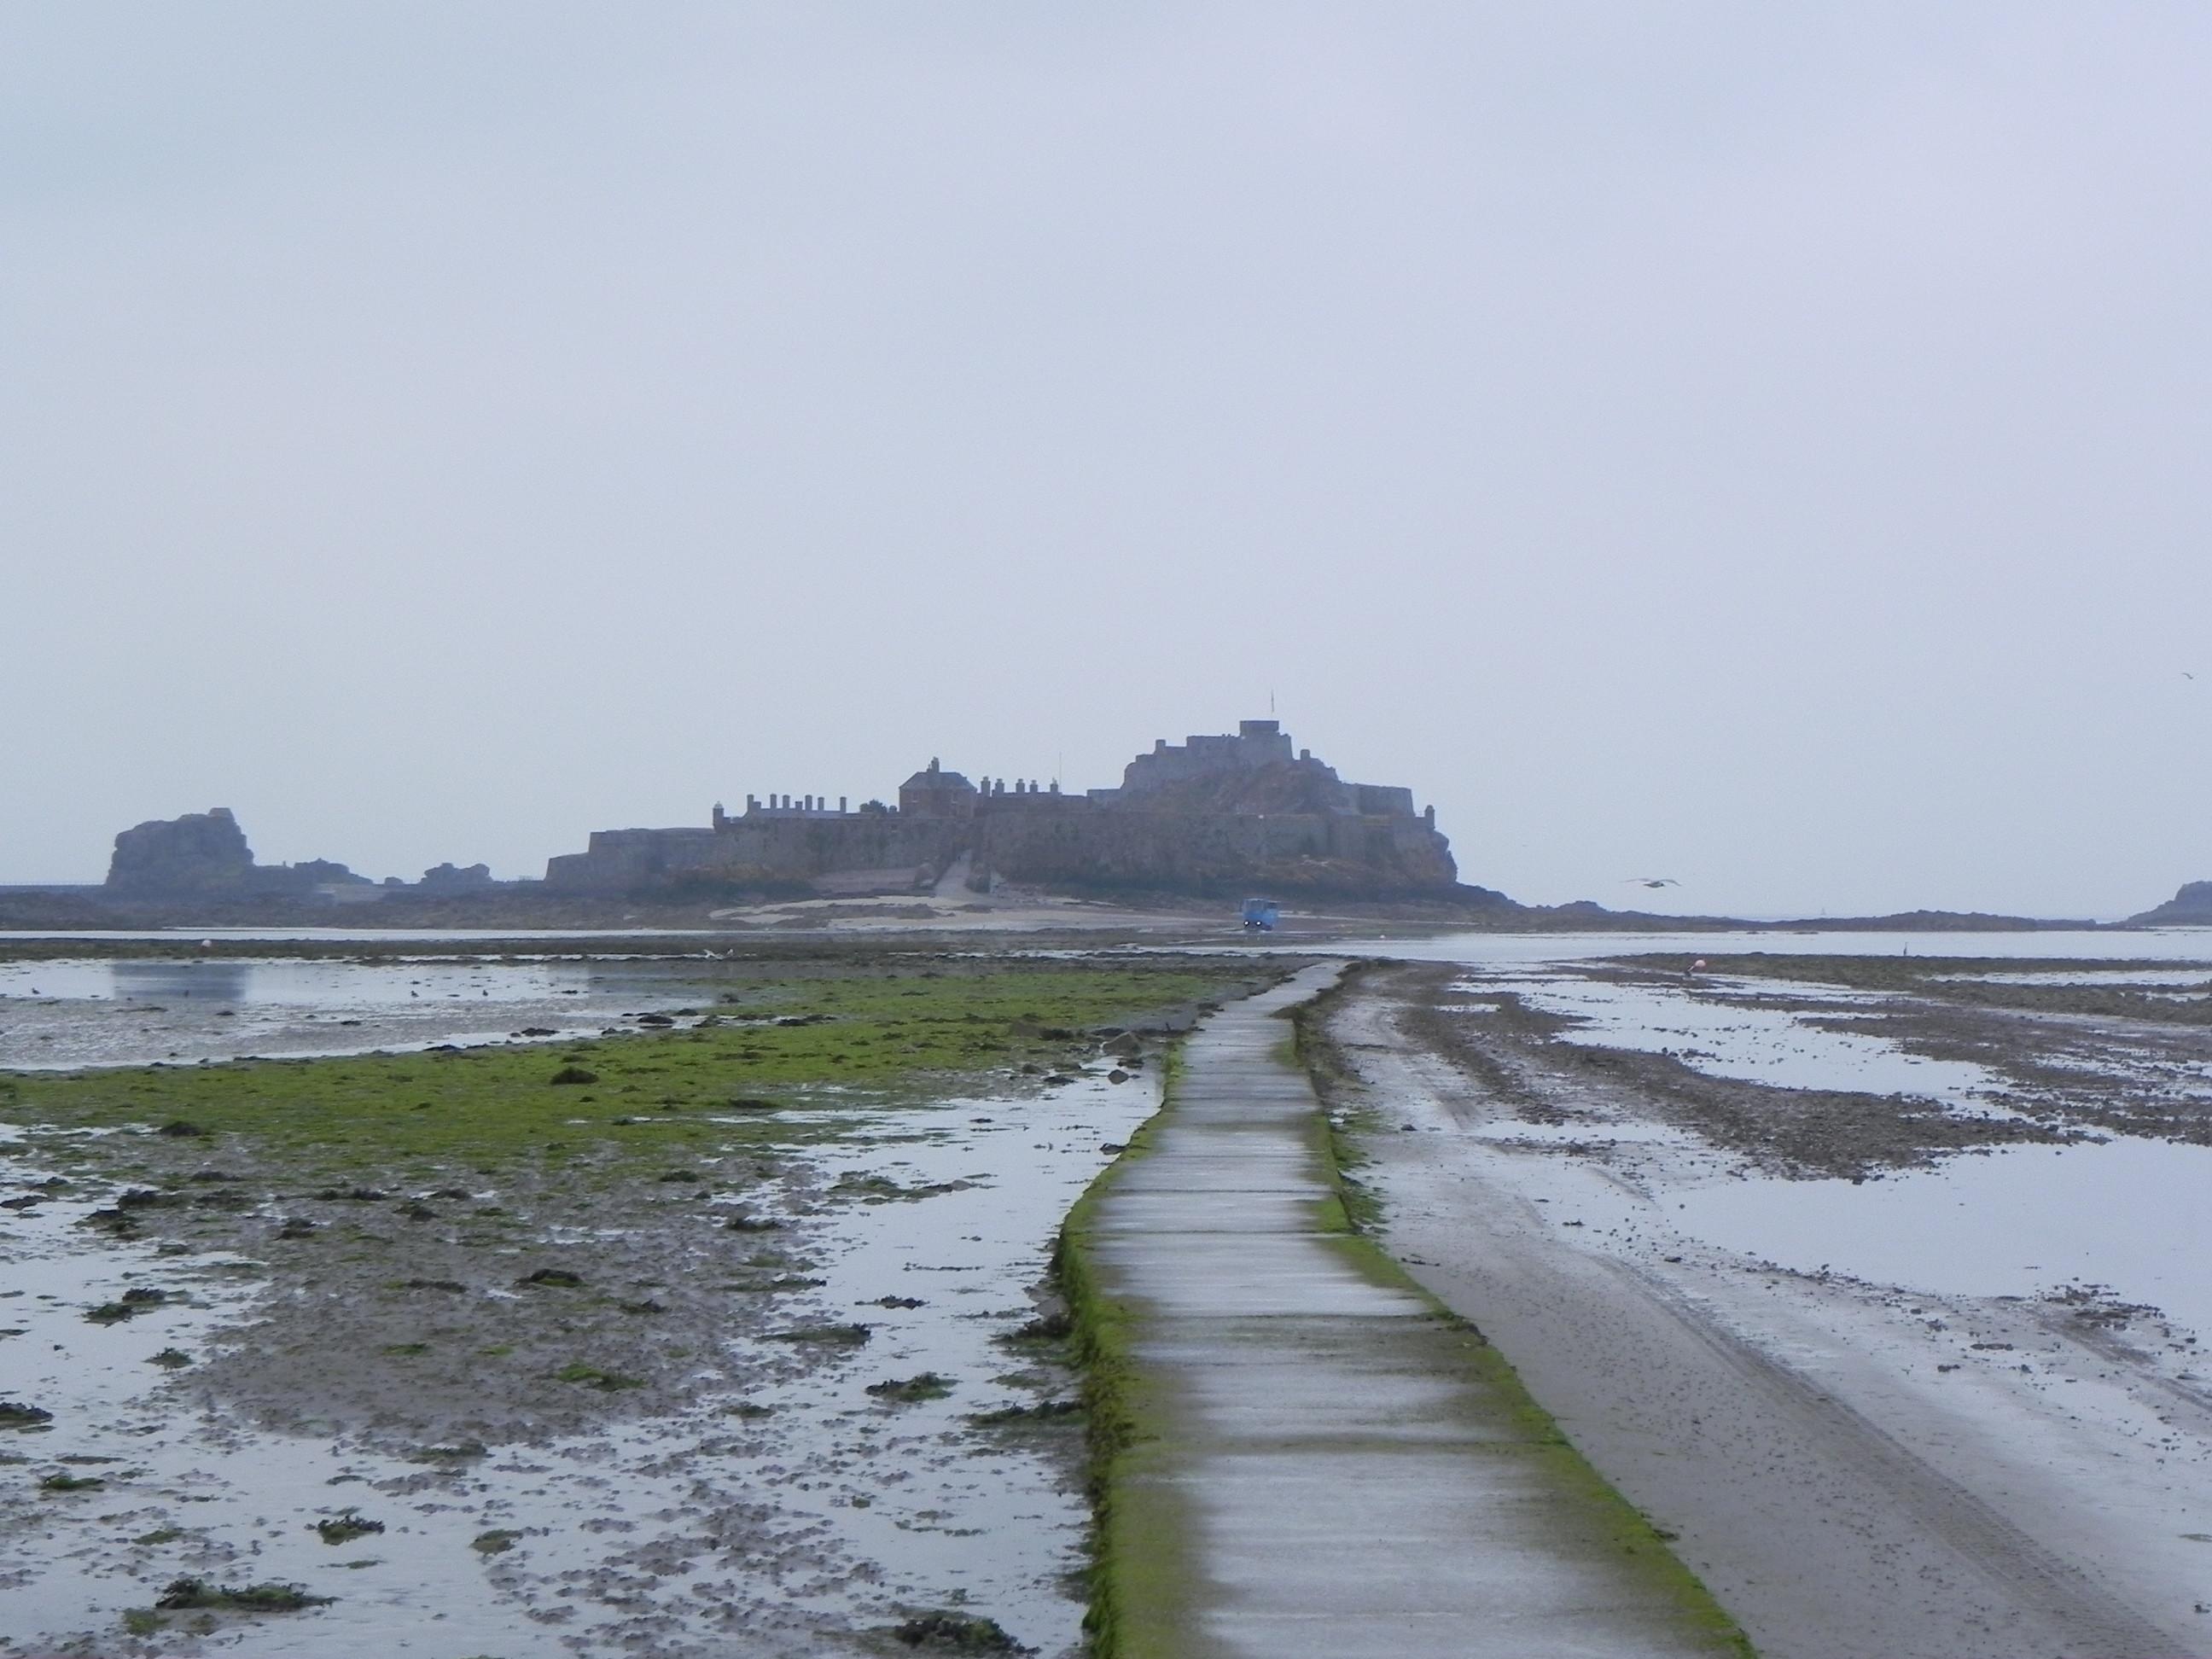 Bij beginnende eb kun je bij St. Helier naar het Elizabeth Castle lopen en terug, maar wel goed op de getijden letten, want als eenmaal de vloed opkomt gaat dit supersnel en is er gelukkig een amfibievoertuig pendelbusje beschikbaar.Zie http://nl.wikipedia.org/wiki/Elizabeth_Castle